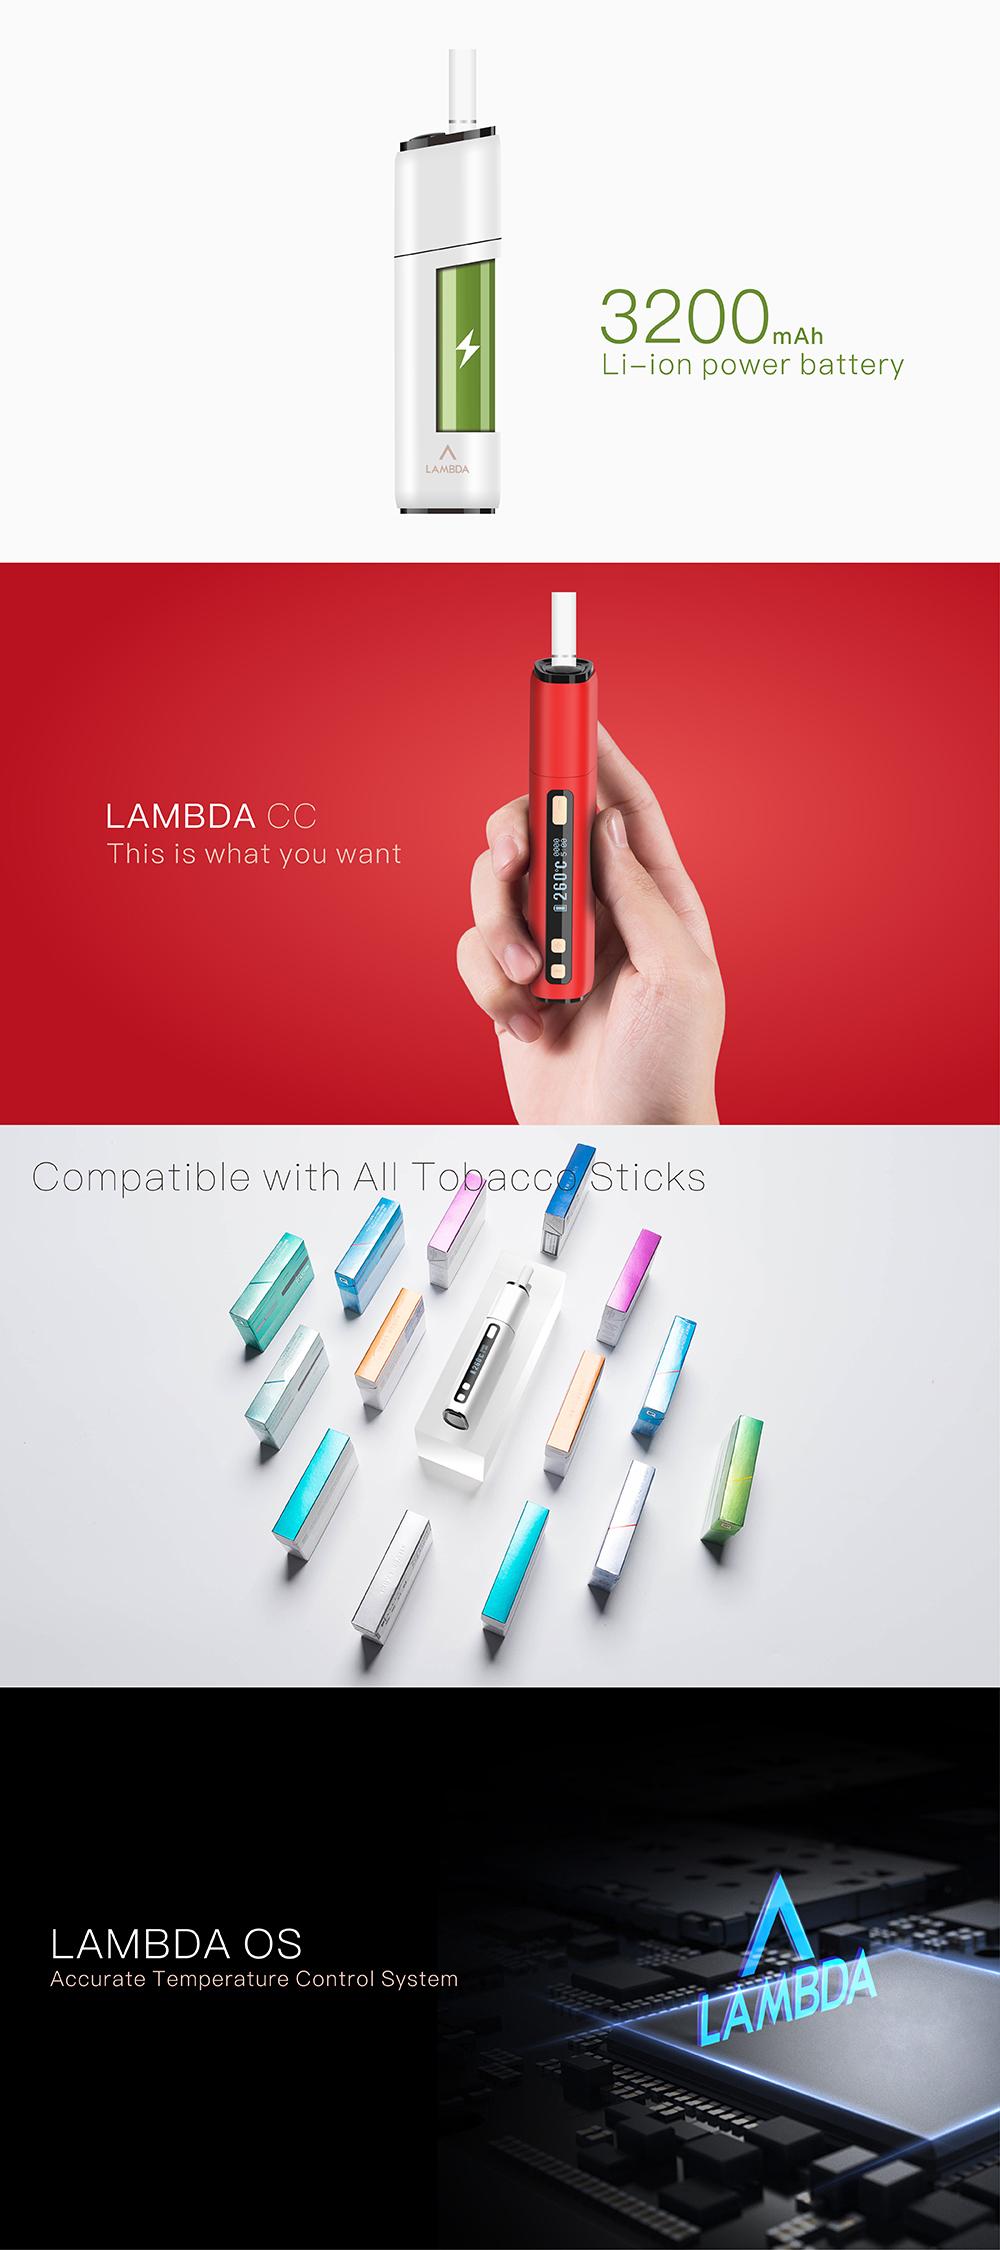 (Black) LAMBDA CC OLED HD Display